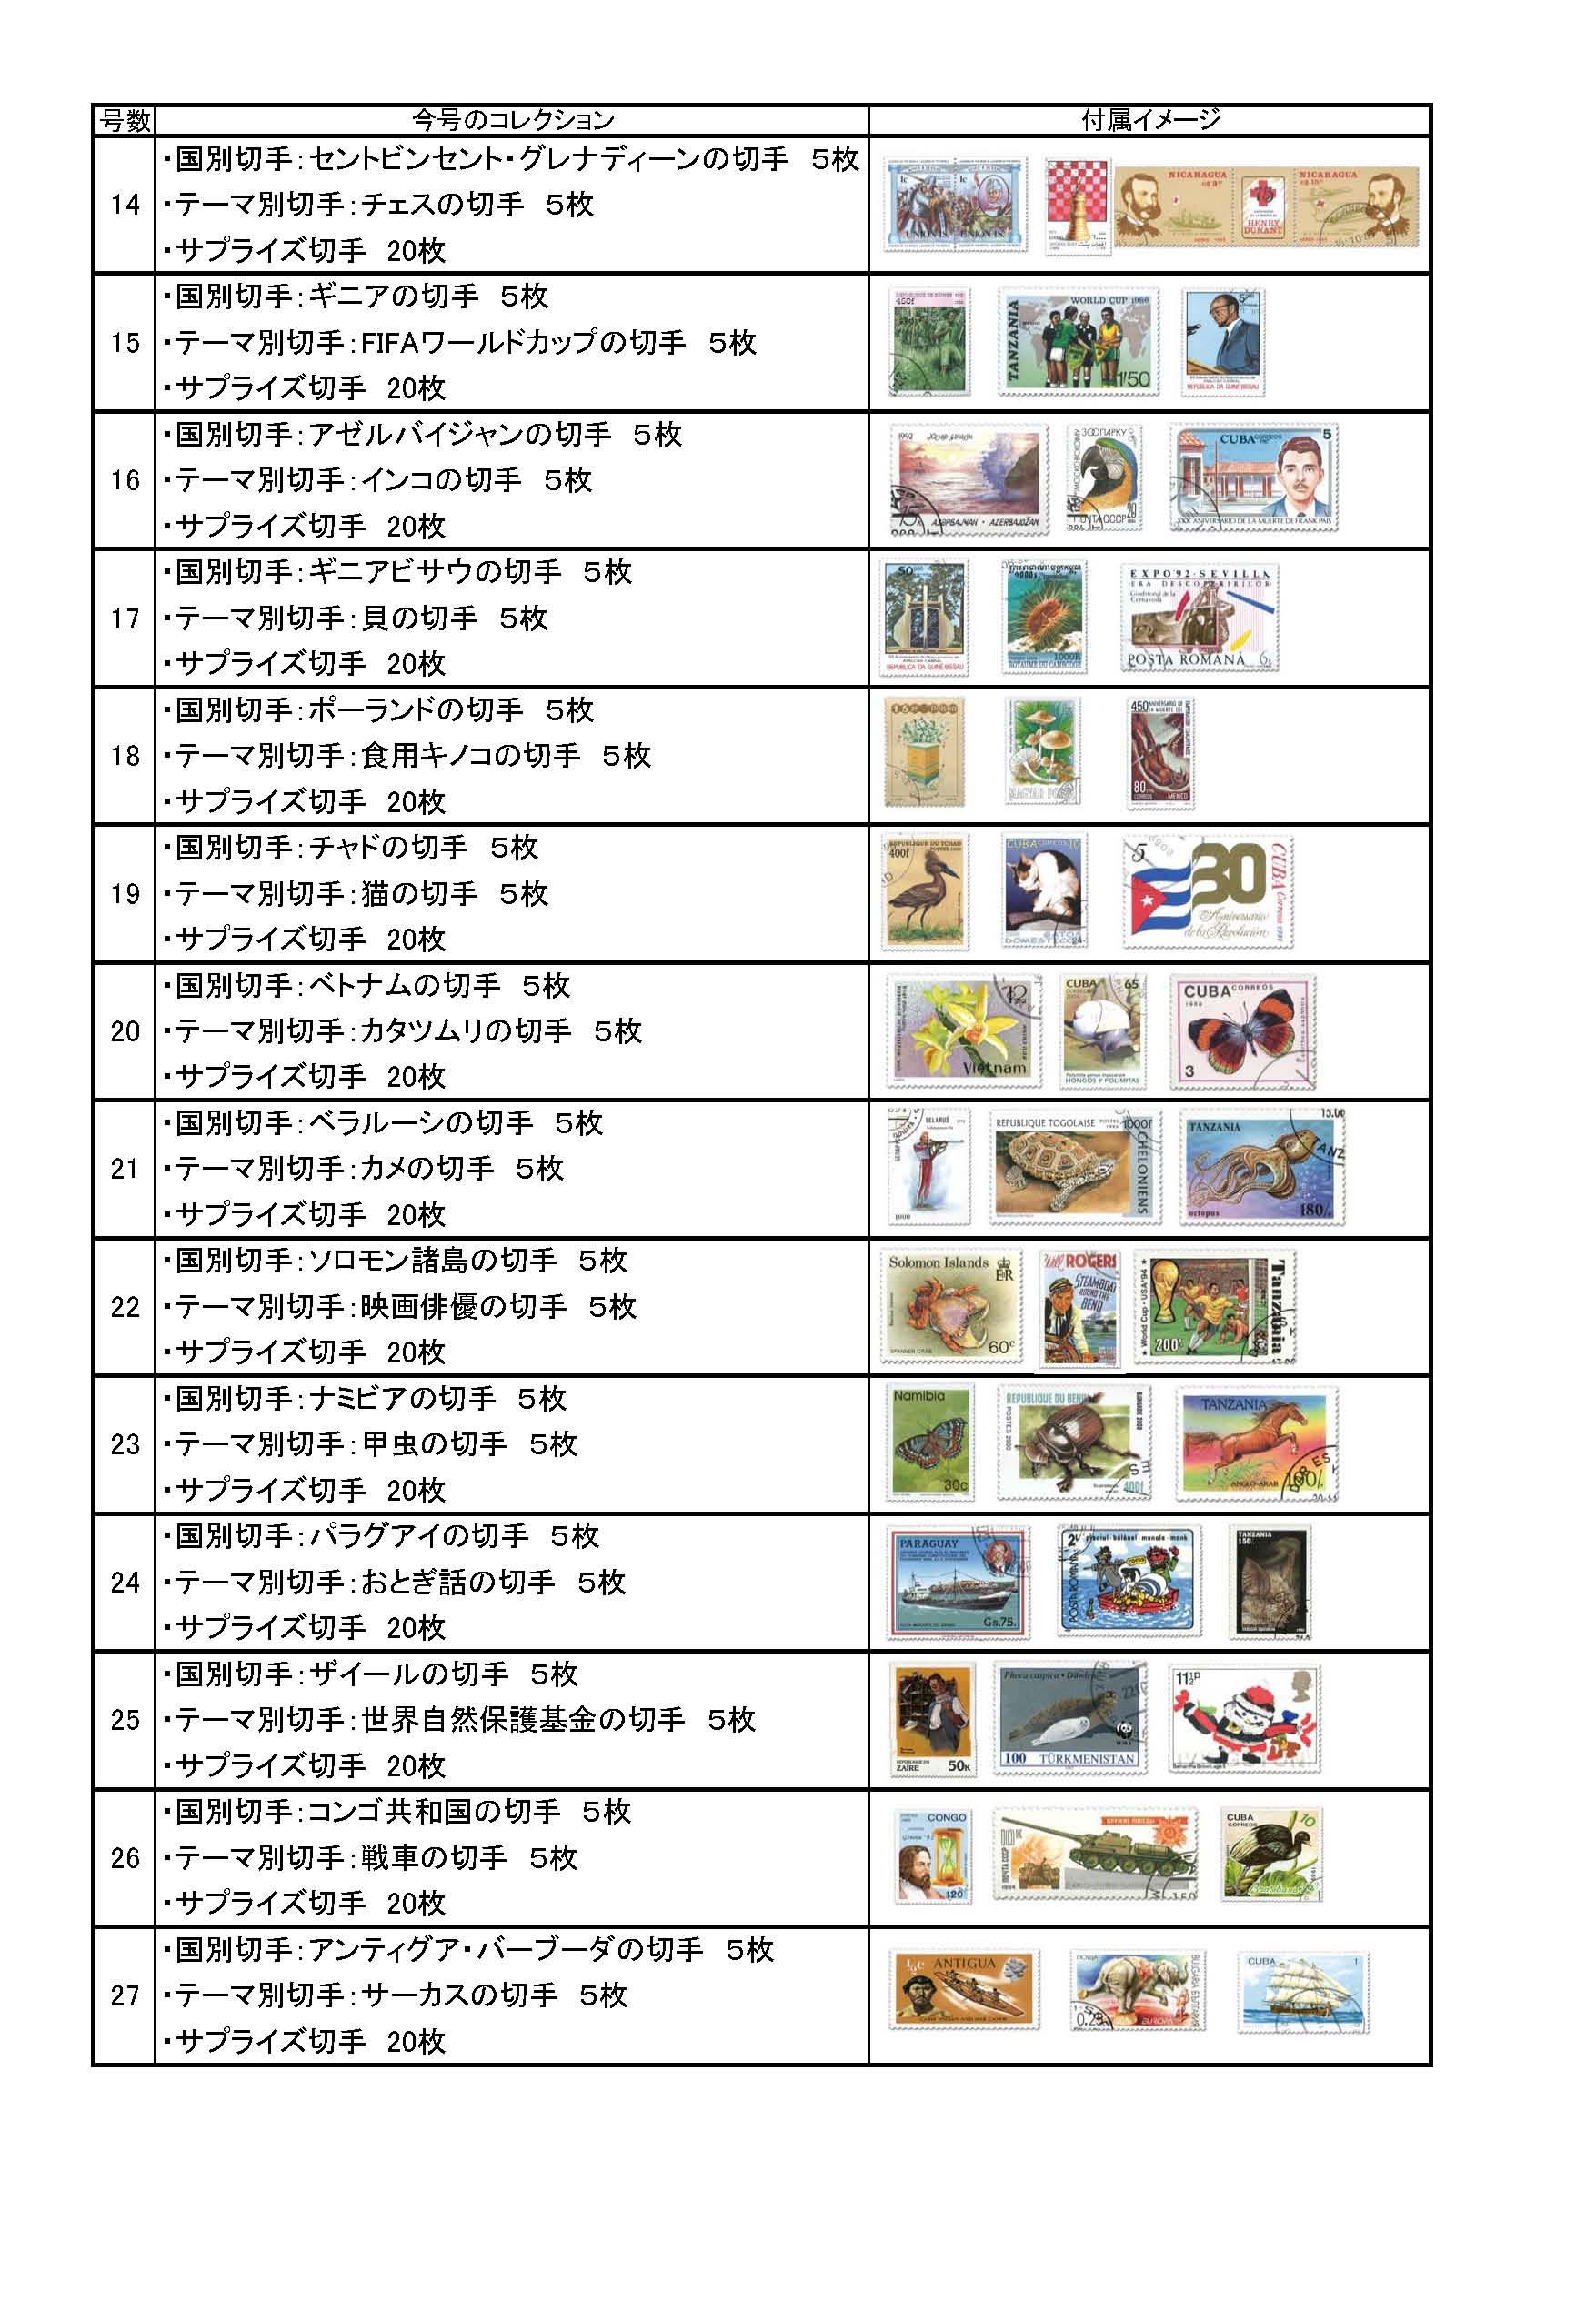 付属切手ラインナップ_20170817 (1)_ページ_02.jpg